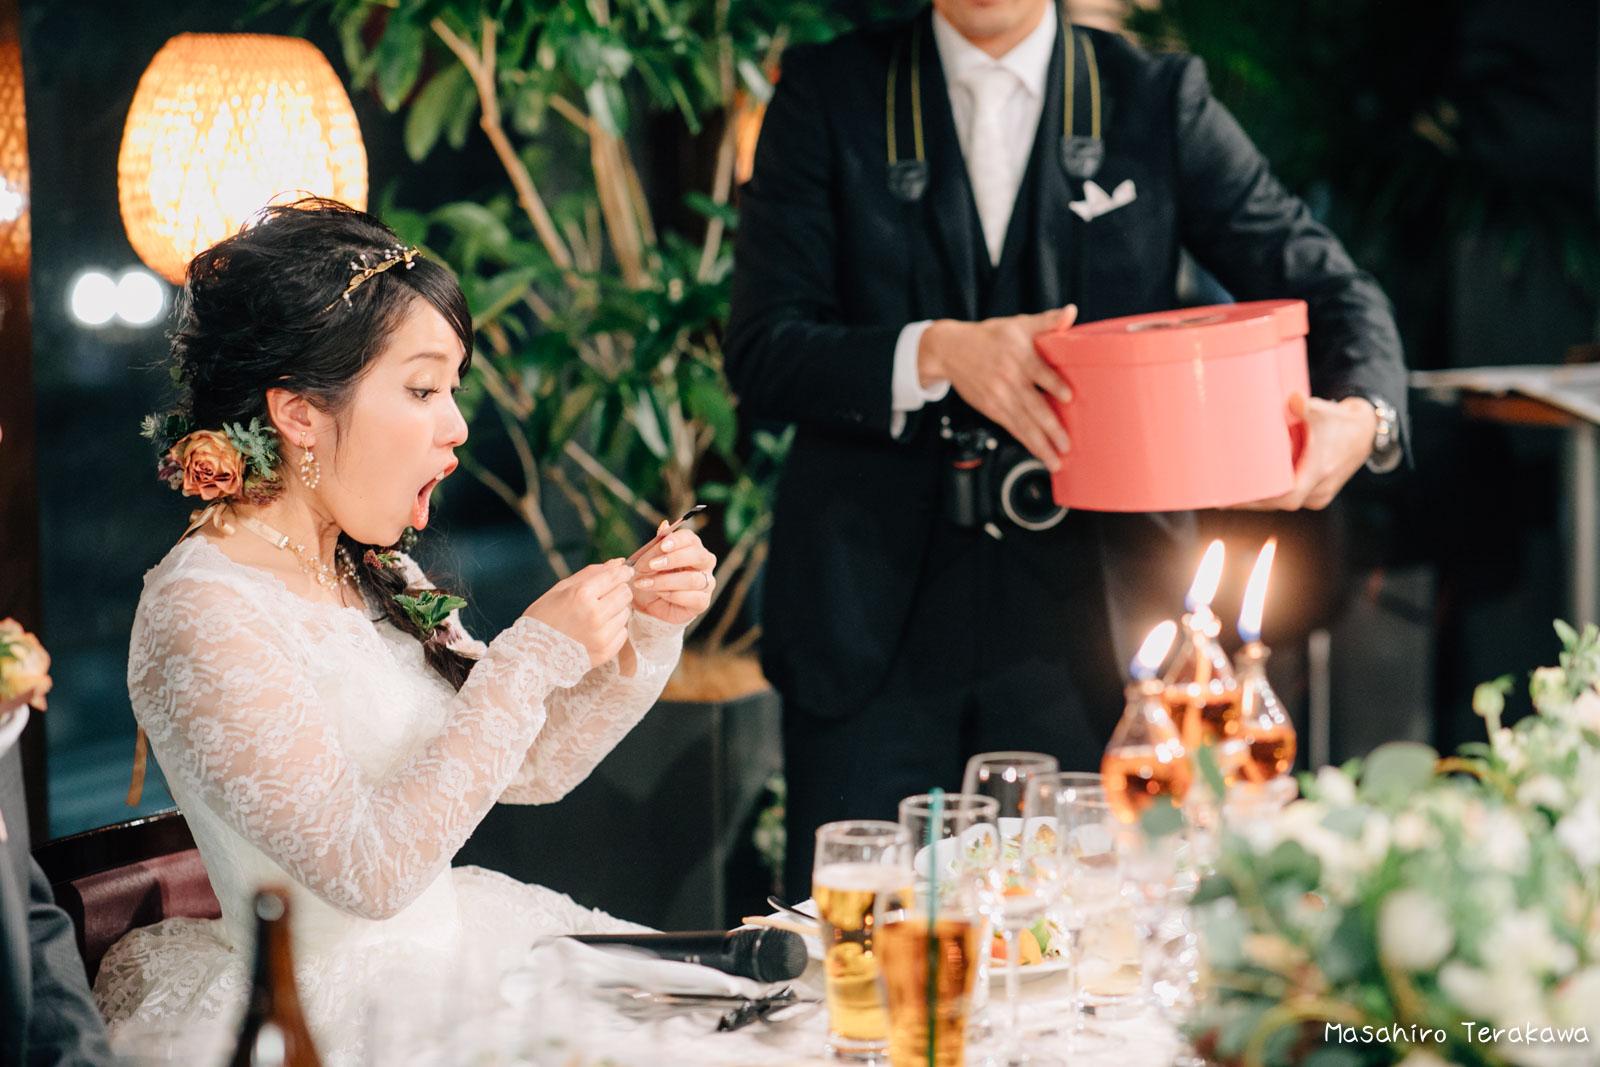 神戸で結婚式の二次会の写真撮影34